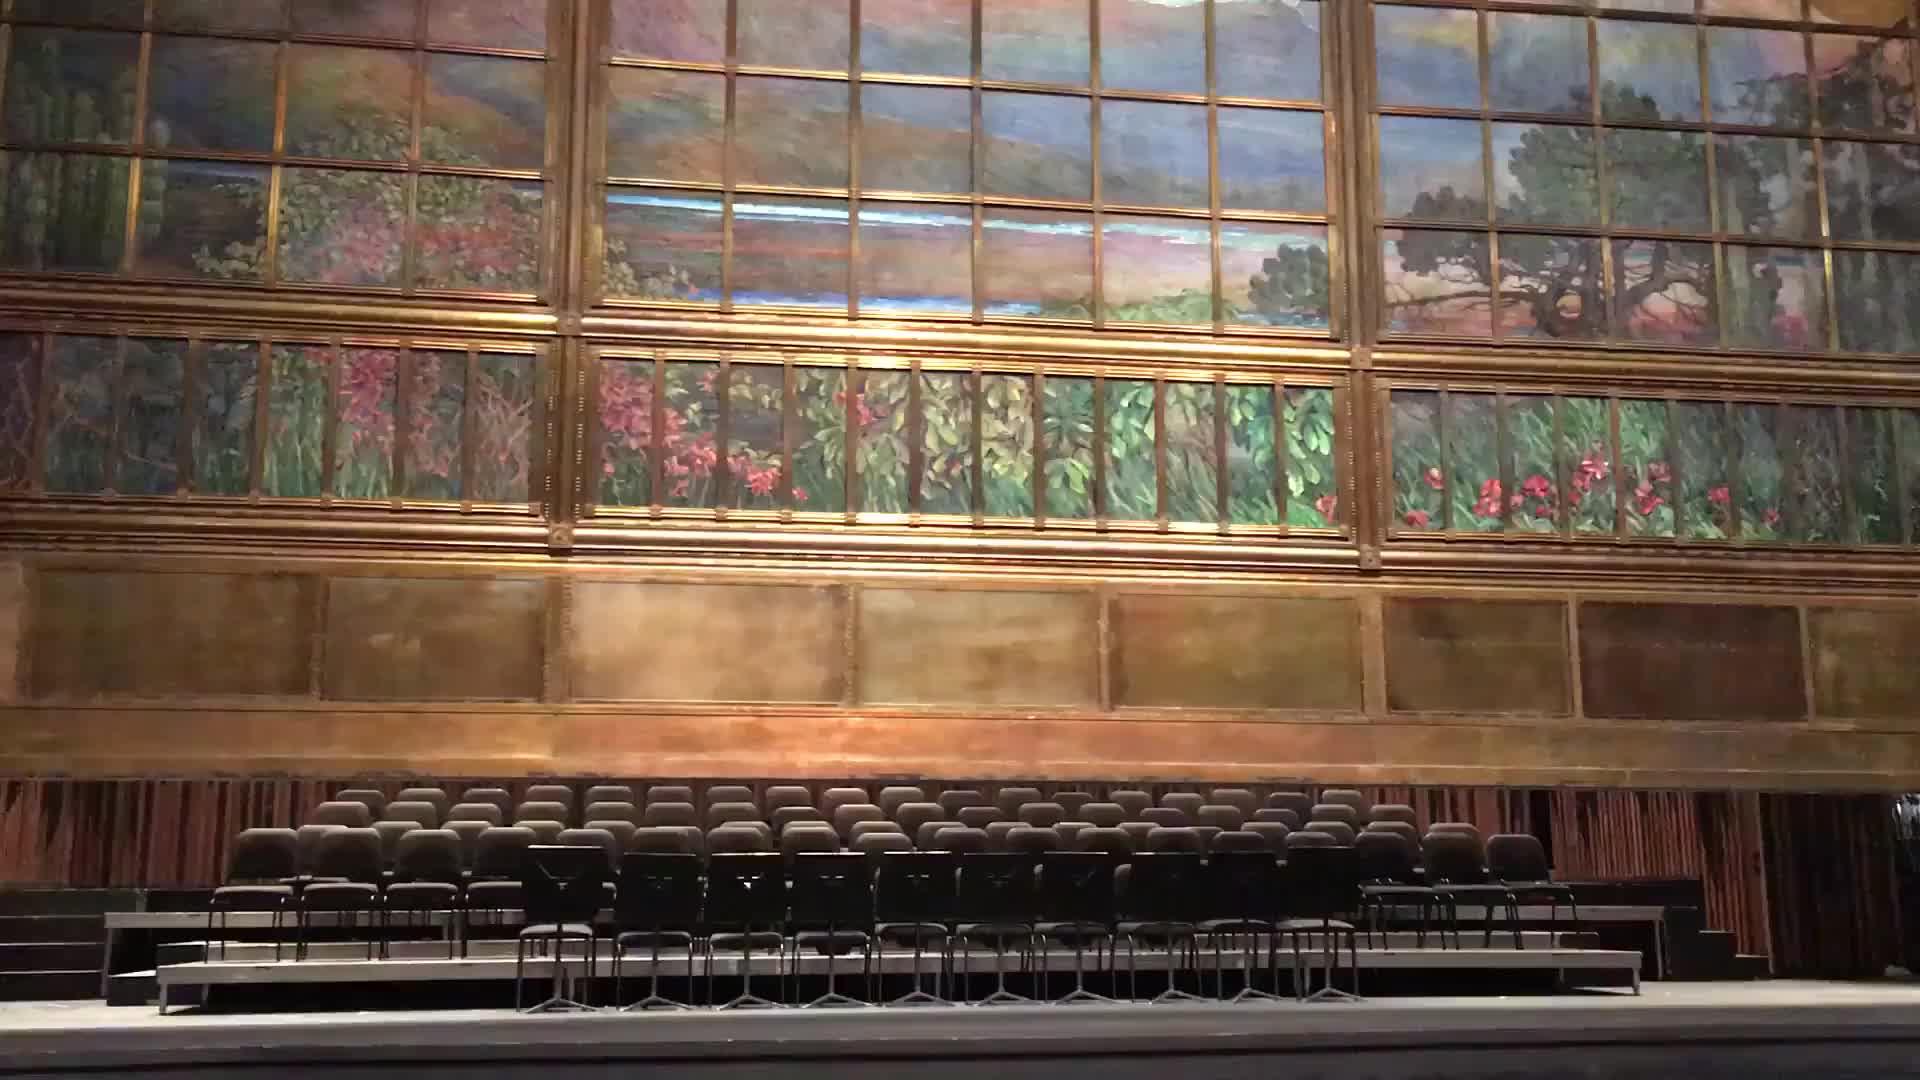 woahdude, Palacio de Bellas Artes - Telón de Tiffany GIFs